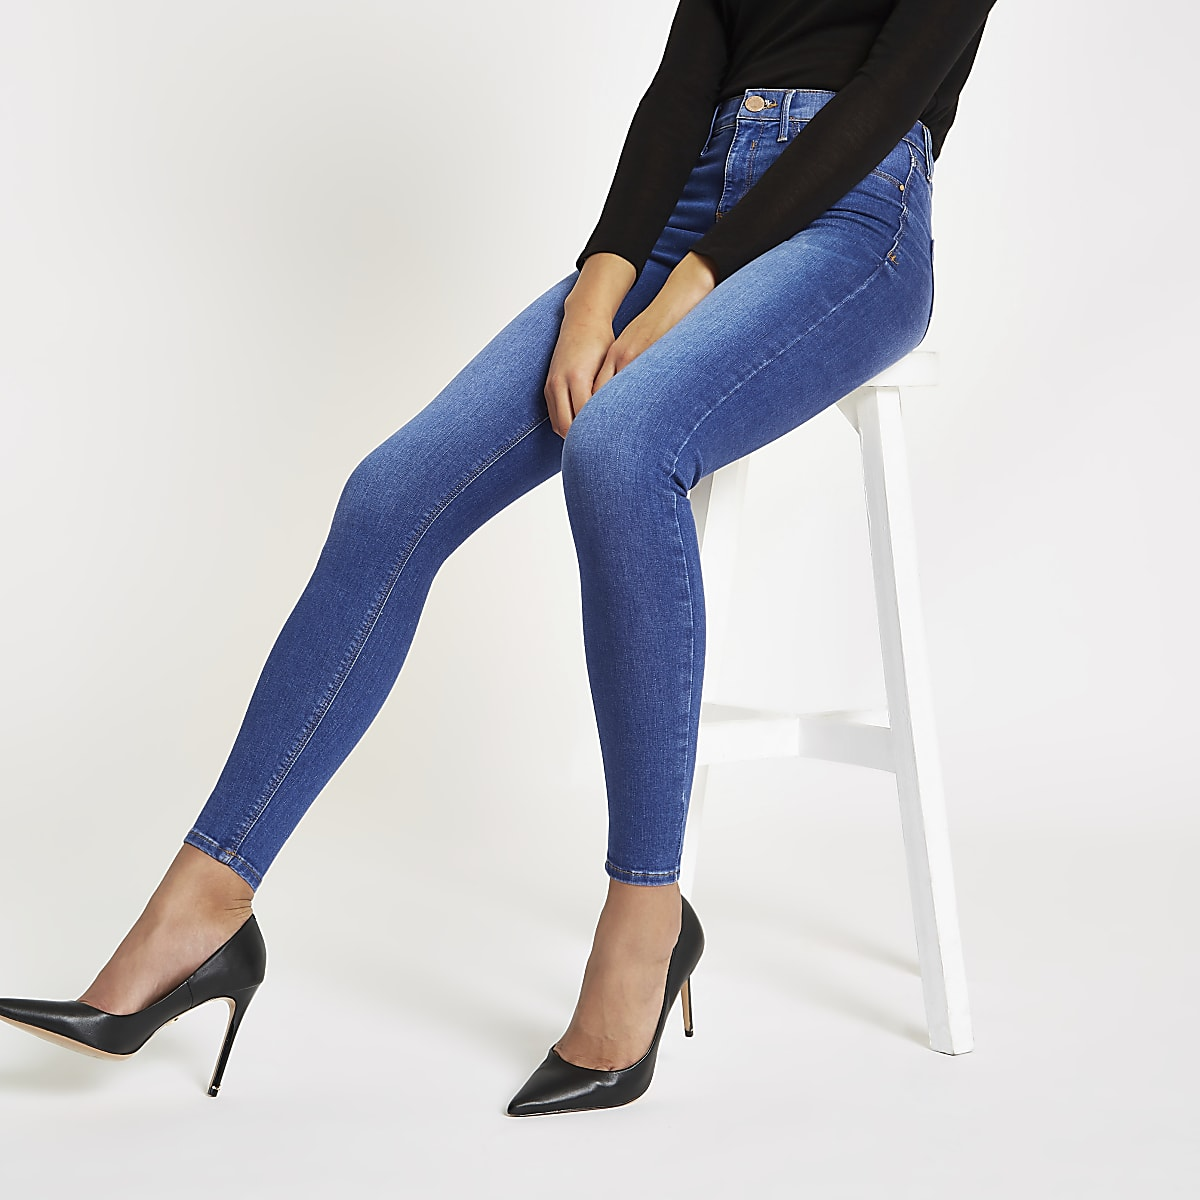 0c68e30bfa8 Blue Molly mid rise denim jeggings - Jeggings - Jeans - women